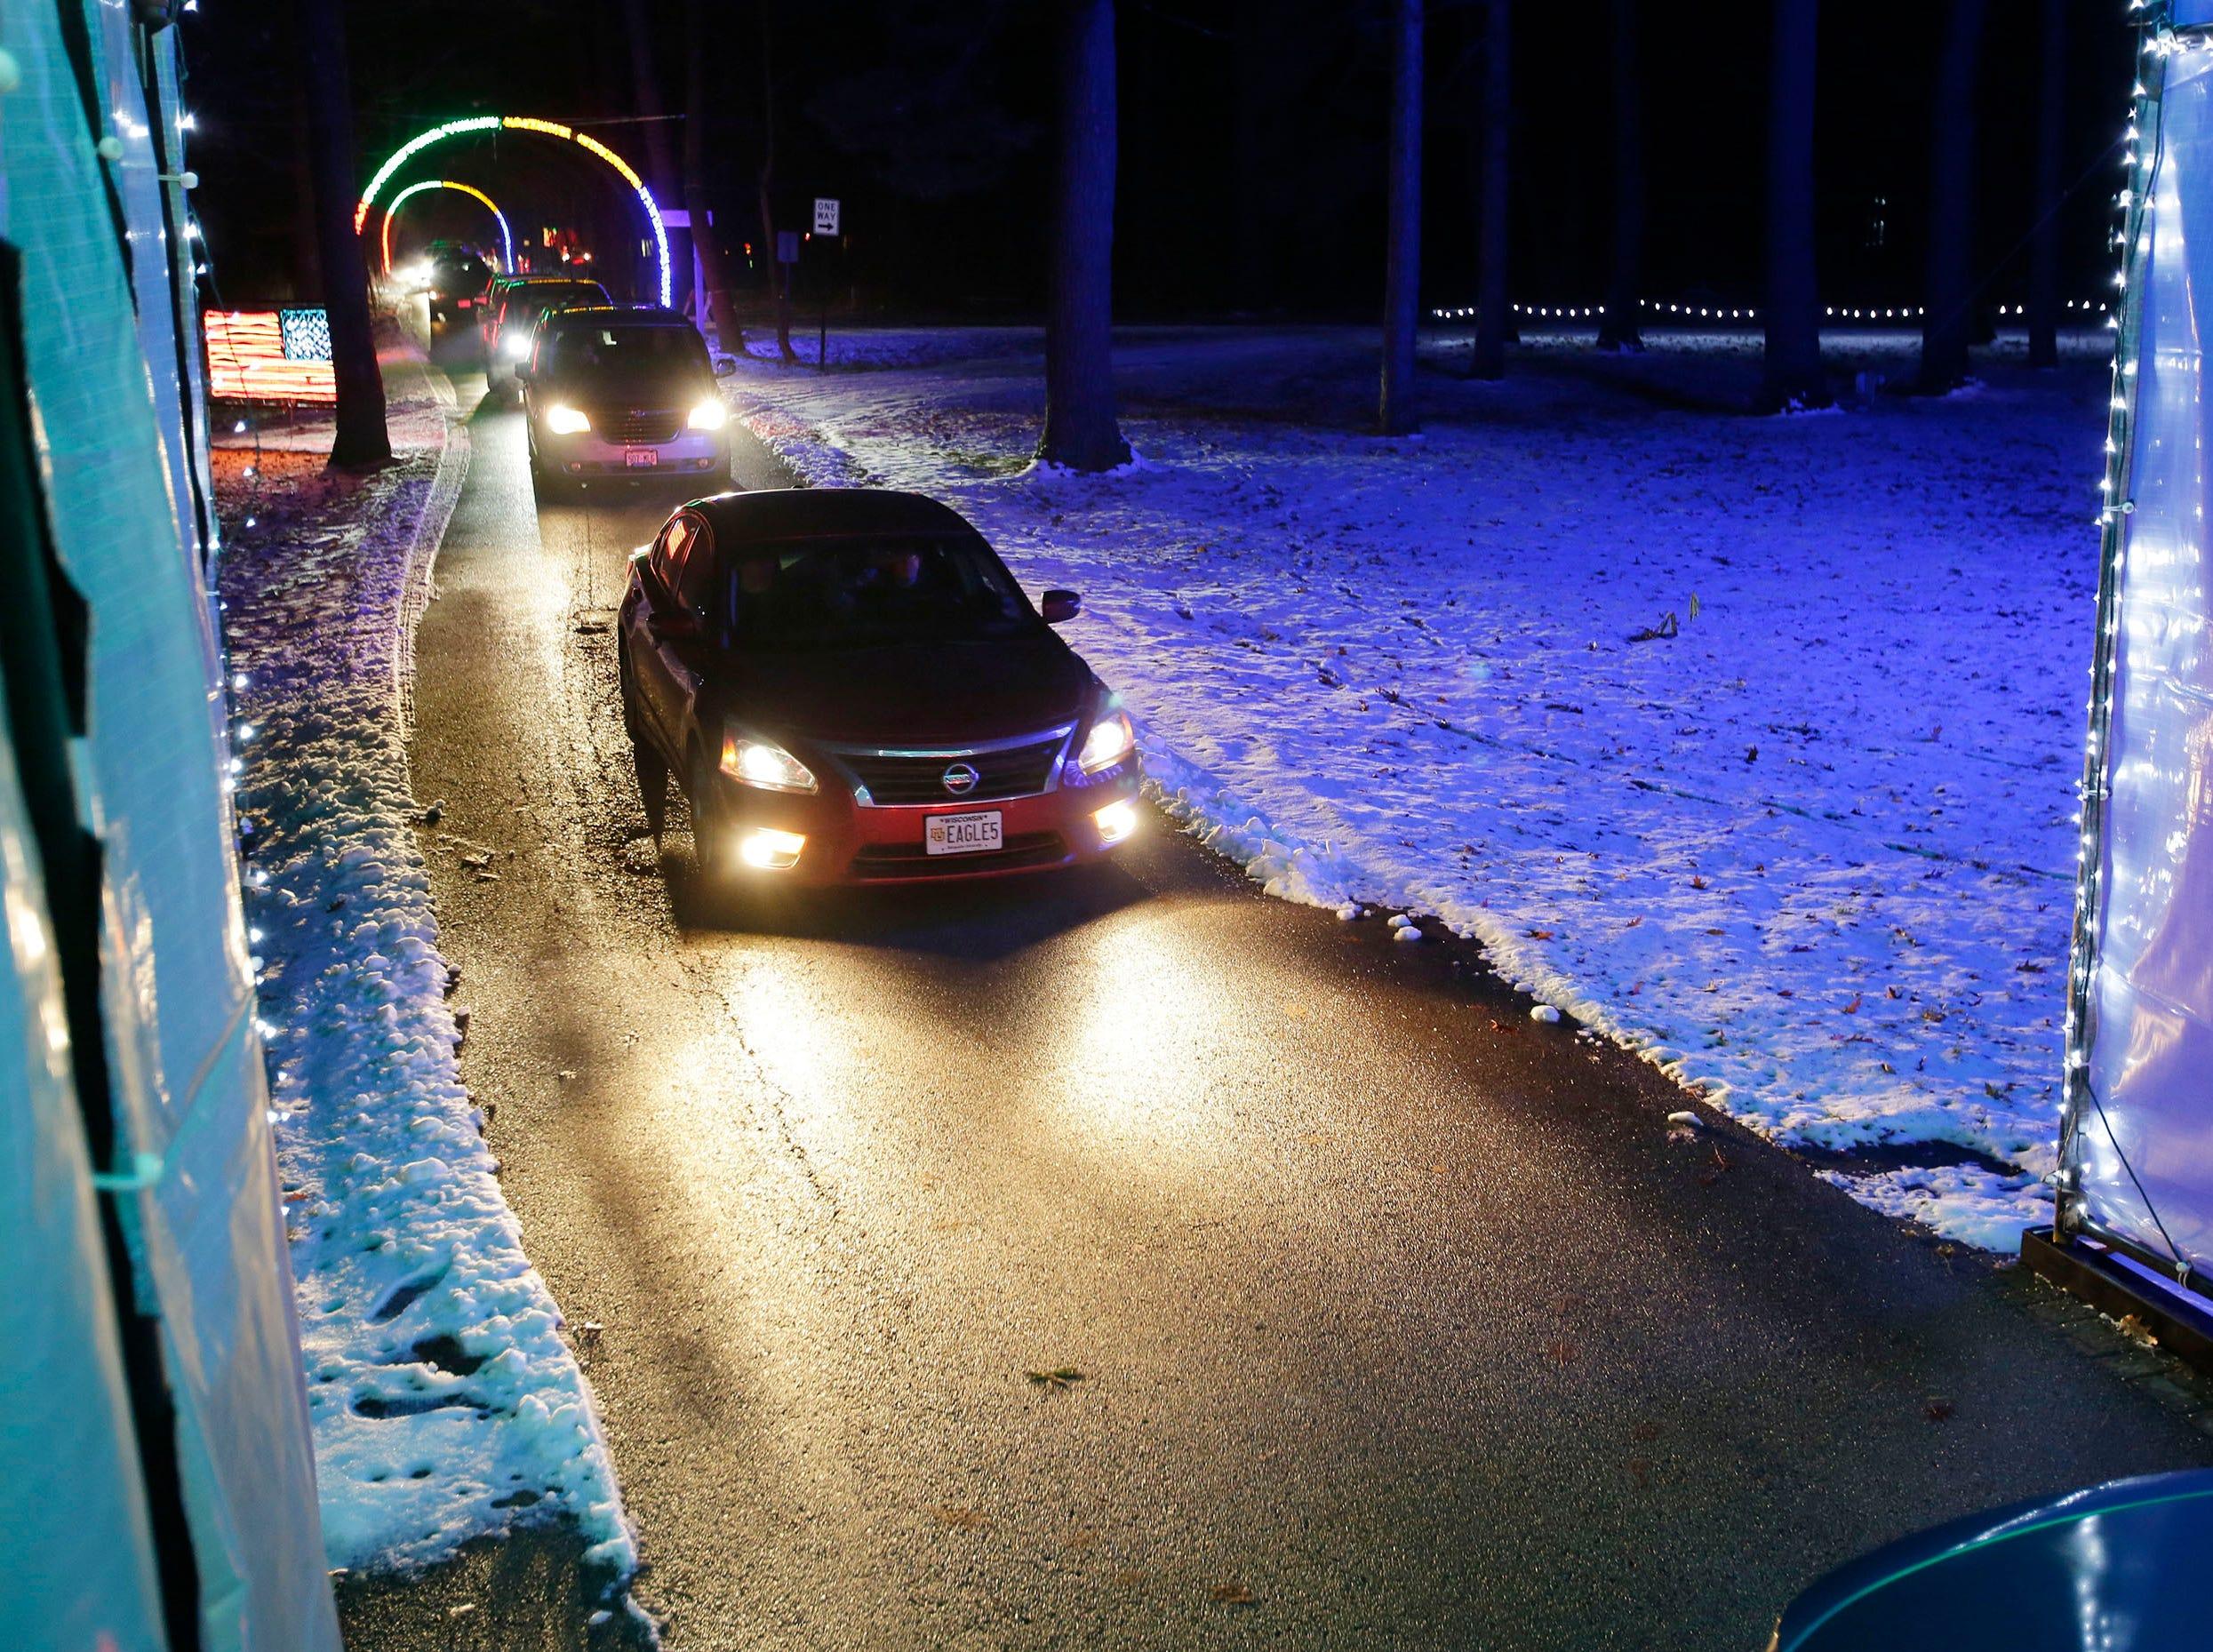 Vehicles enter the igloo at Making Spirits Bright at Evergreen Park, Friday, November 30, 2018, in Sheboygan, Wis.